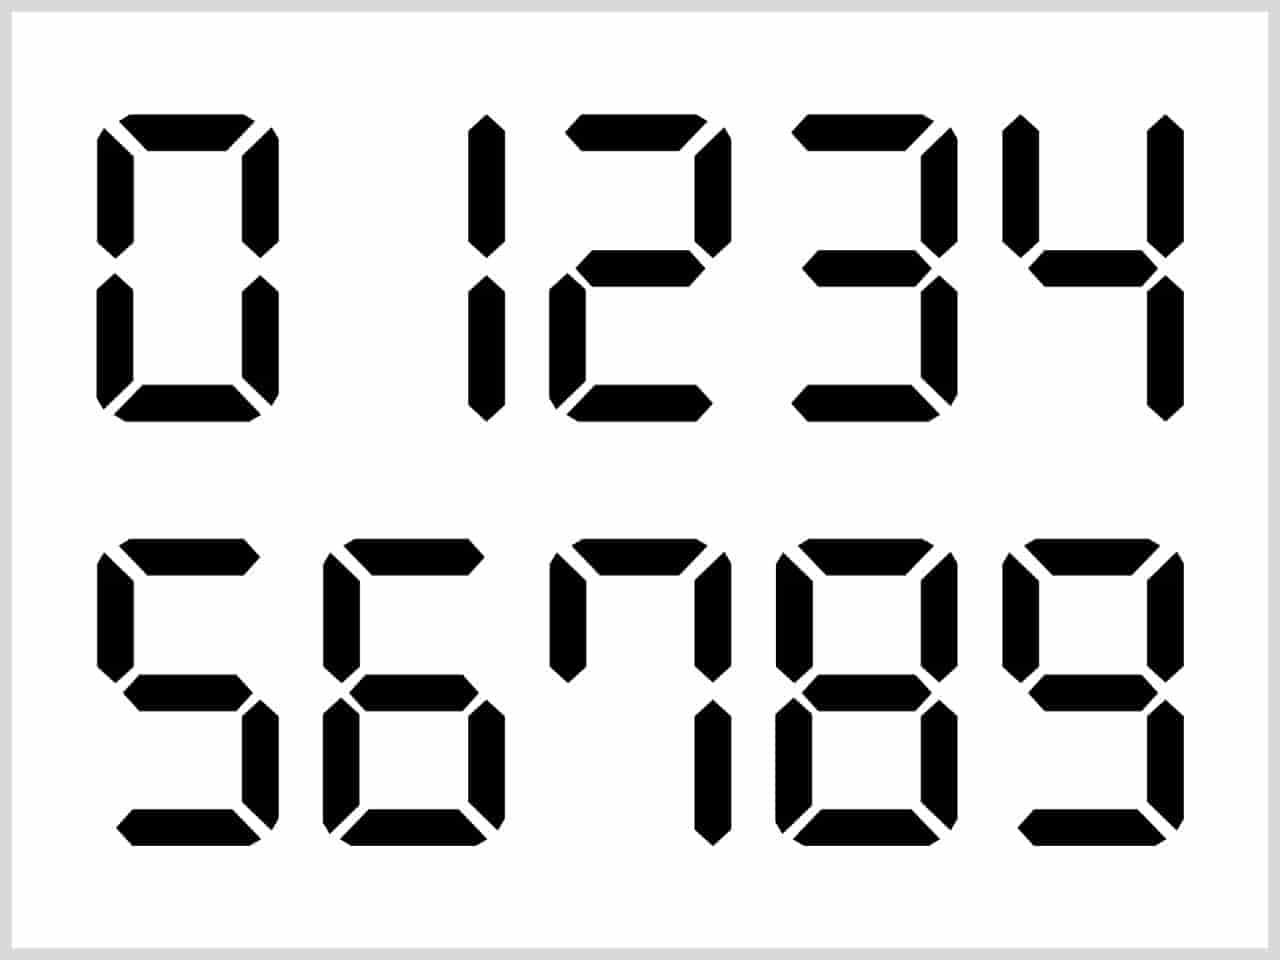 デジタル表示の数字